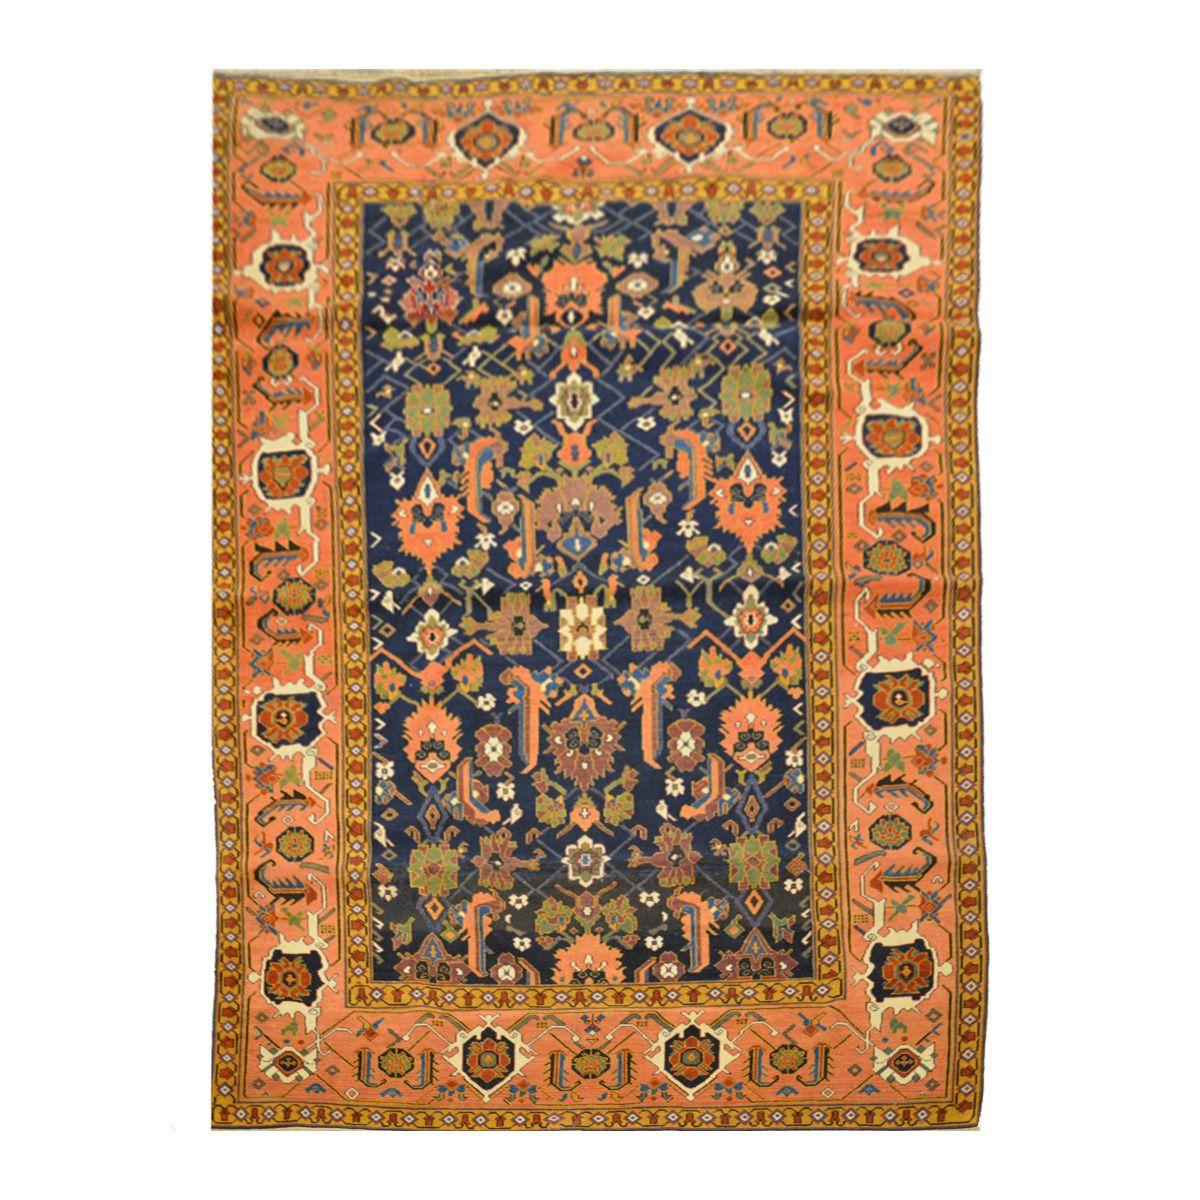 antiker persischer teppich von erivan bei pamono kaufen. Black Bedroom Furniture Sets. Home Design Ideas